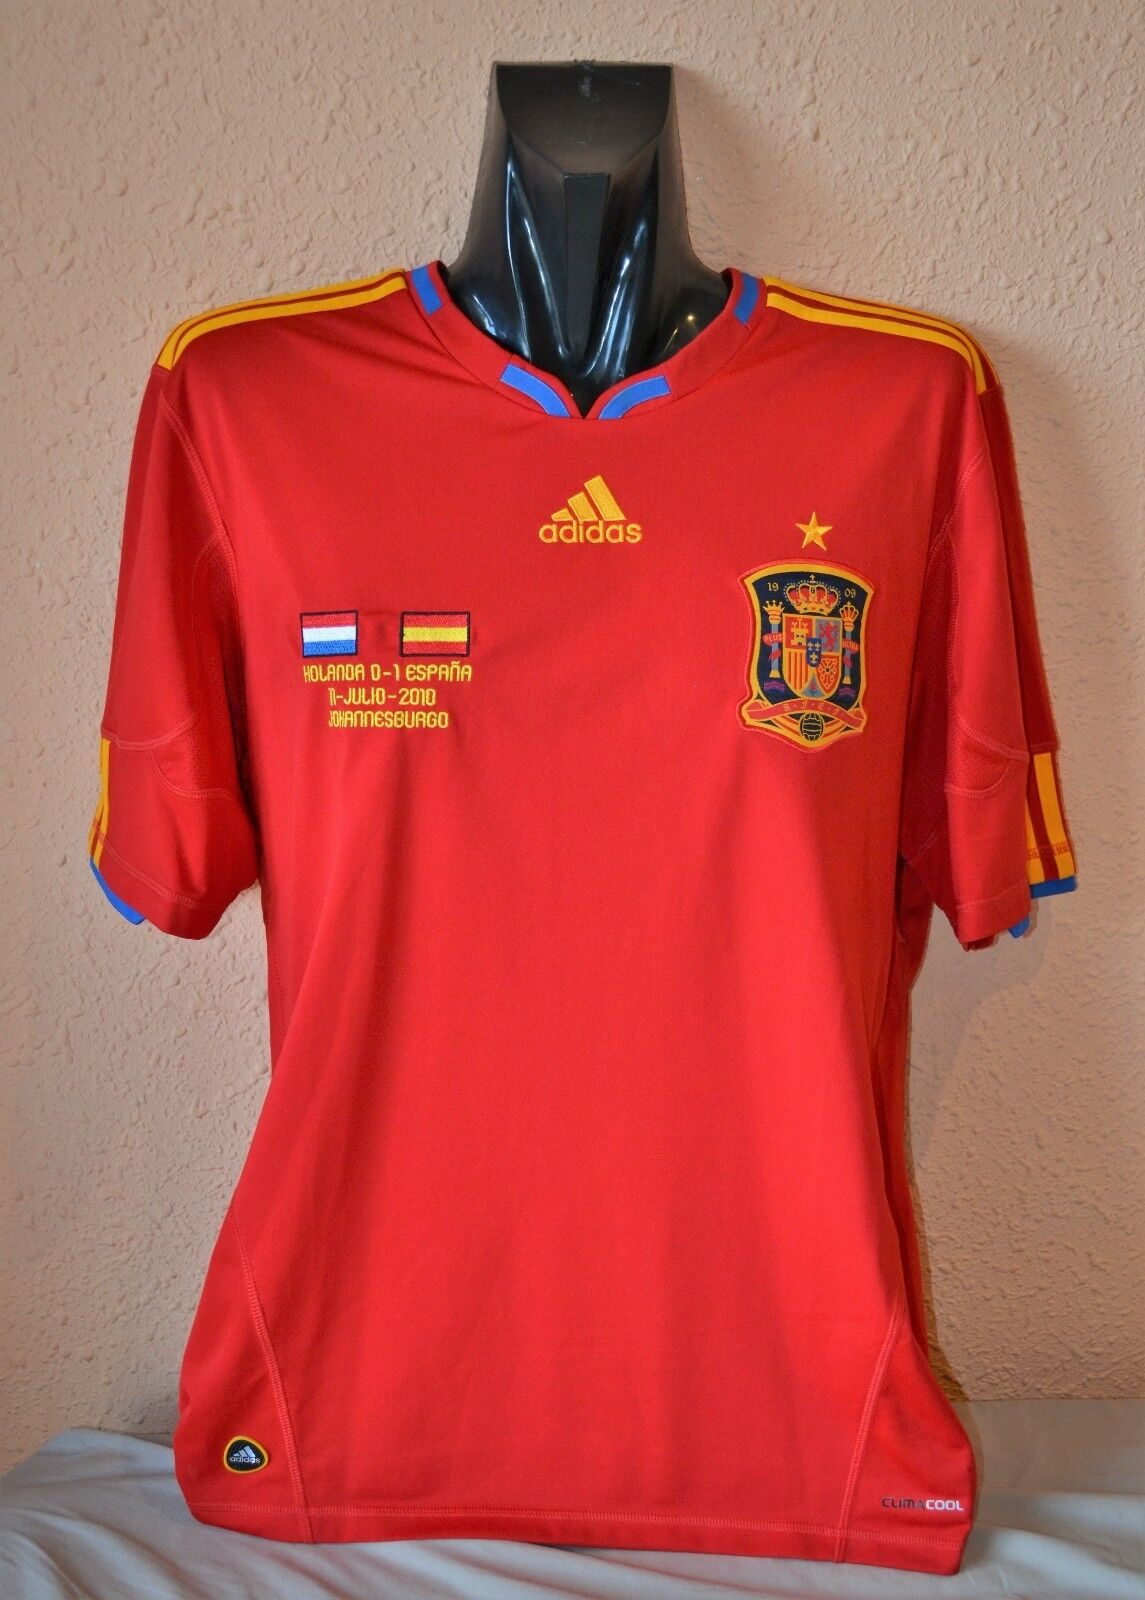 SPAIN SHIRT WORLD CUP 2010 NEW - CAMISETA ESPAÑA EDICIÓN LIMITADA ADIDAS NUEVA